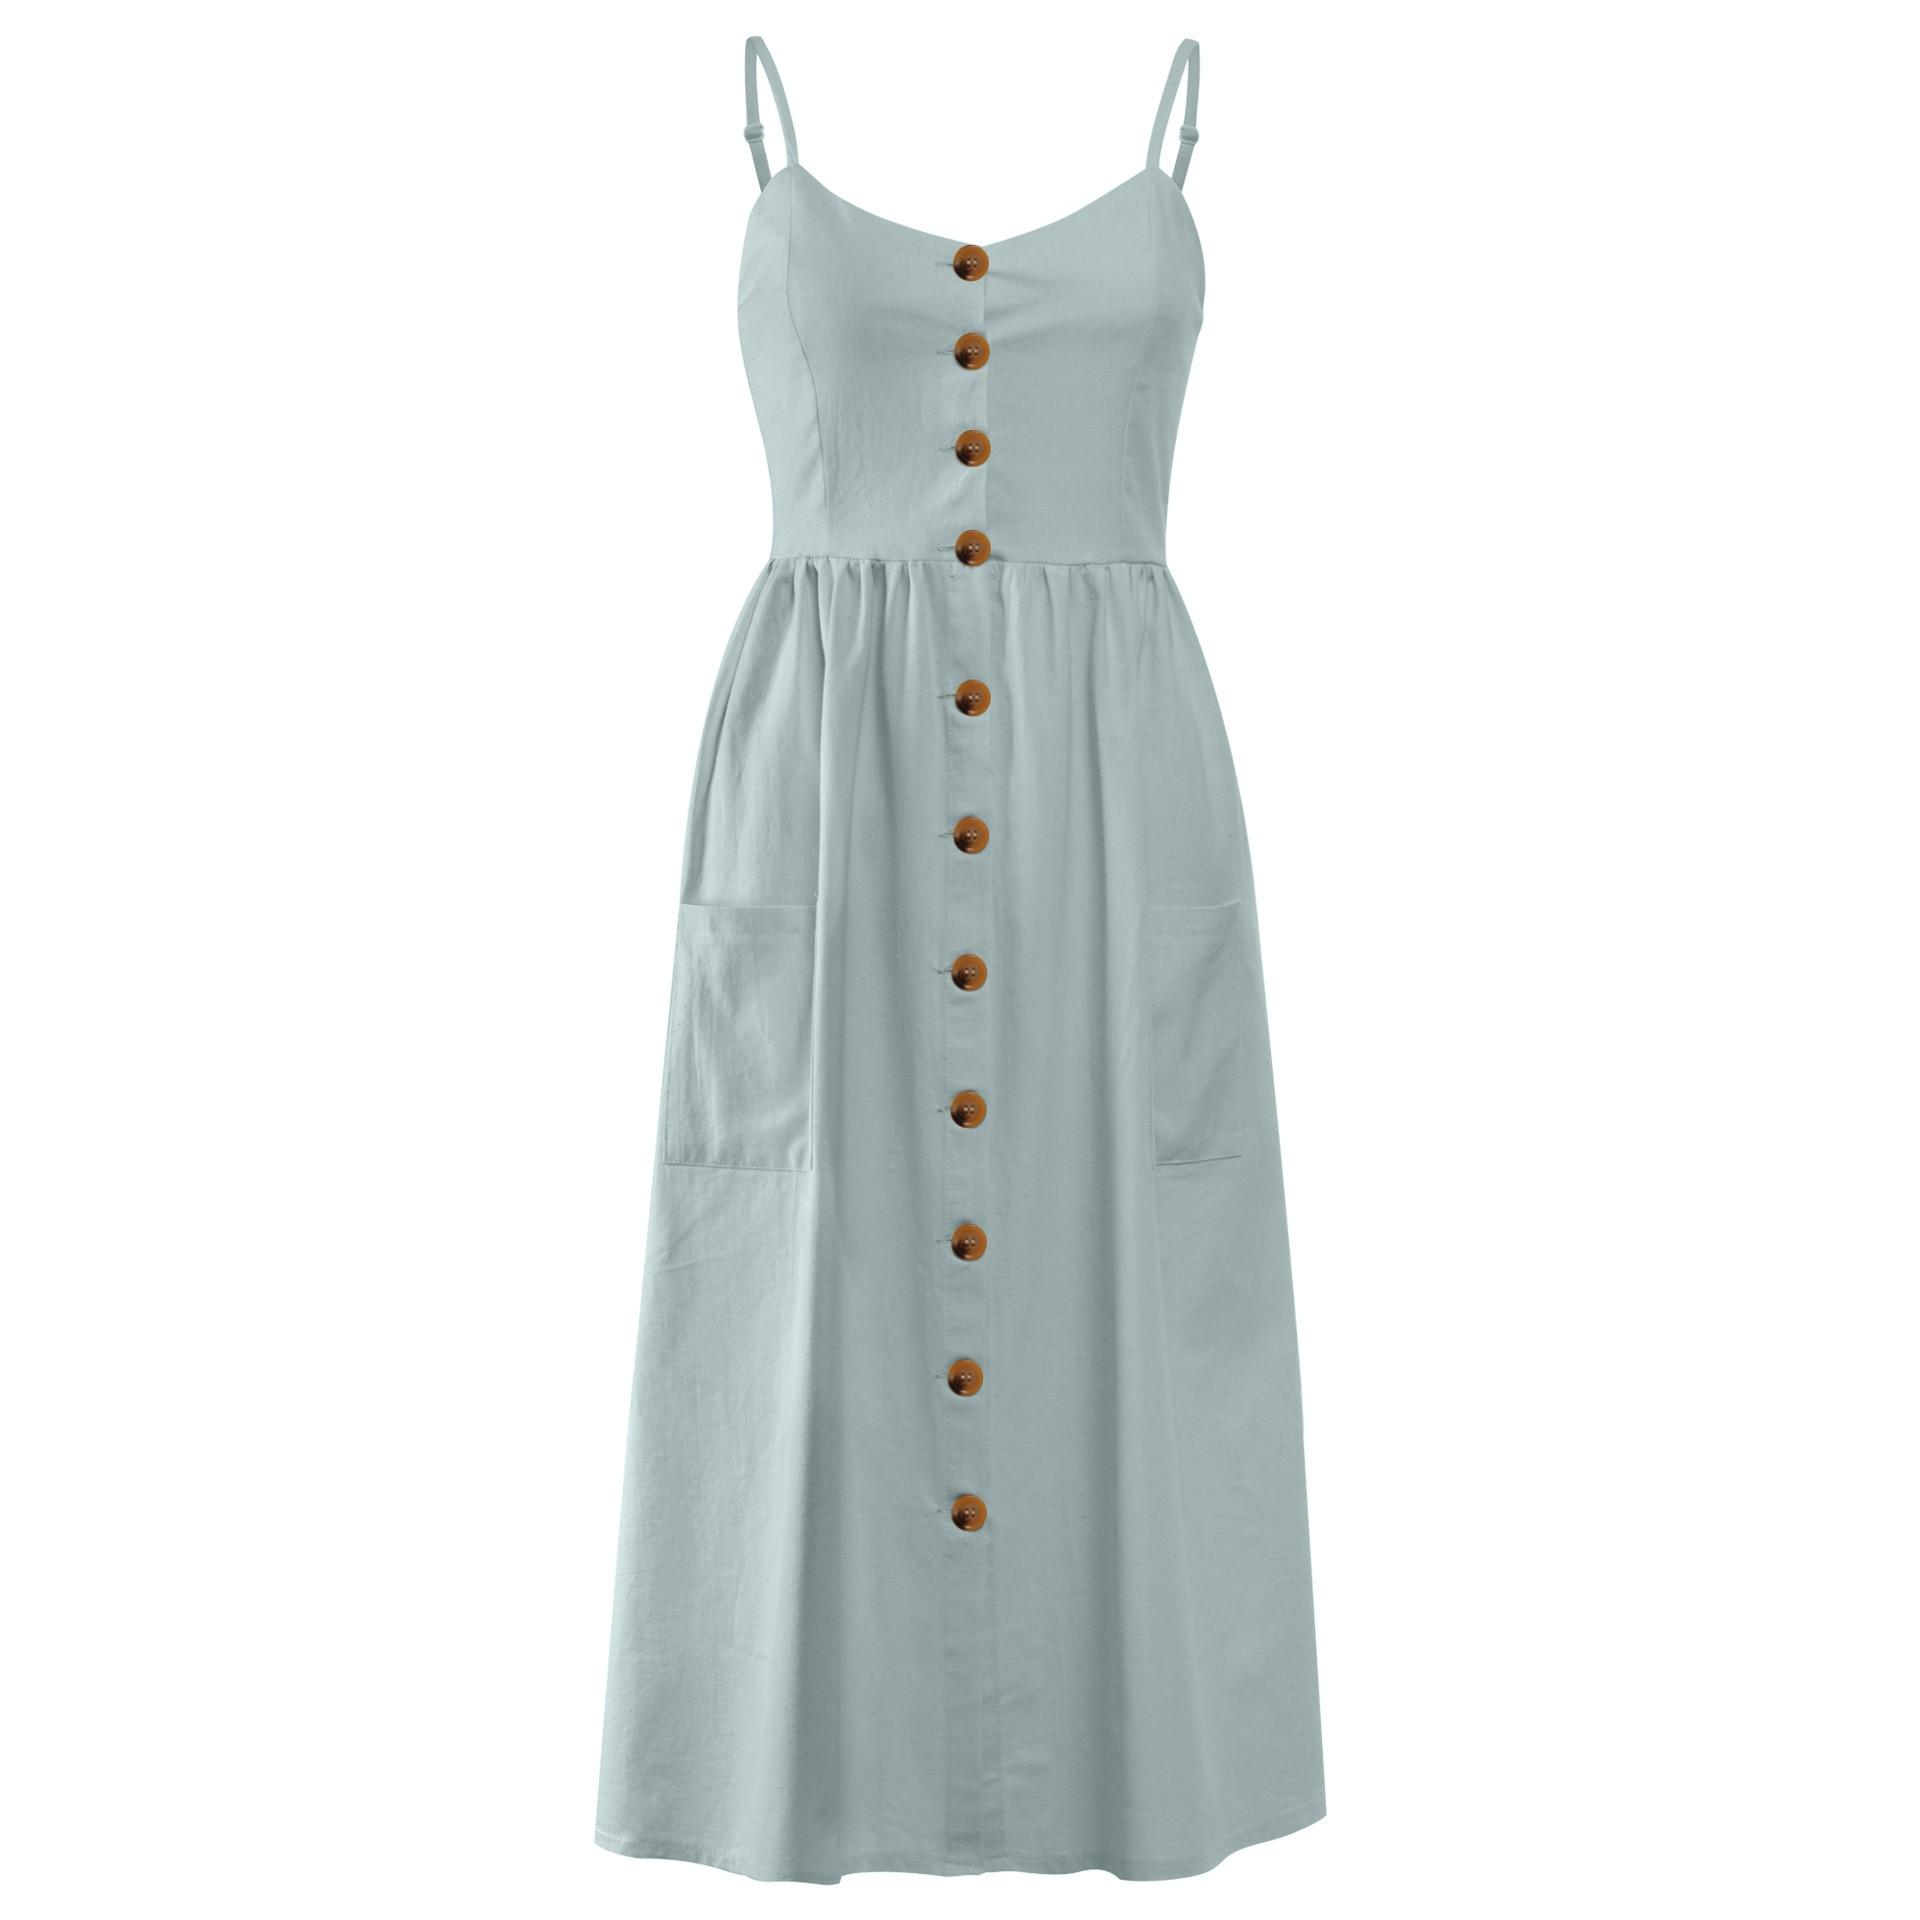 Button Striped Print Cotton Linen Casual Summer Dress 19 Sexy Spaghetti Strap V-neck Off Shoulder Women Midi Dress Vestidos 14